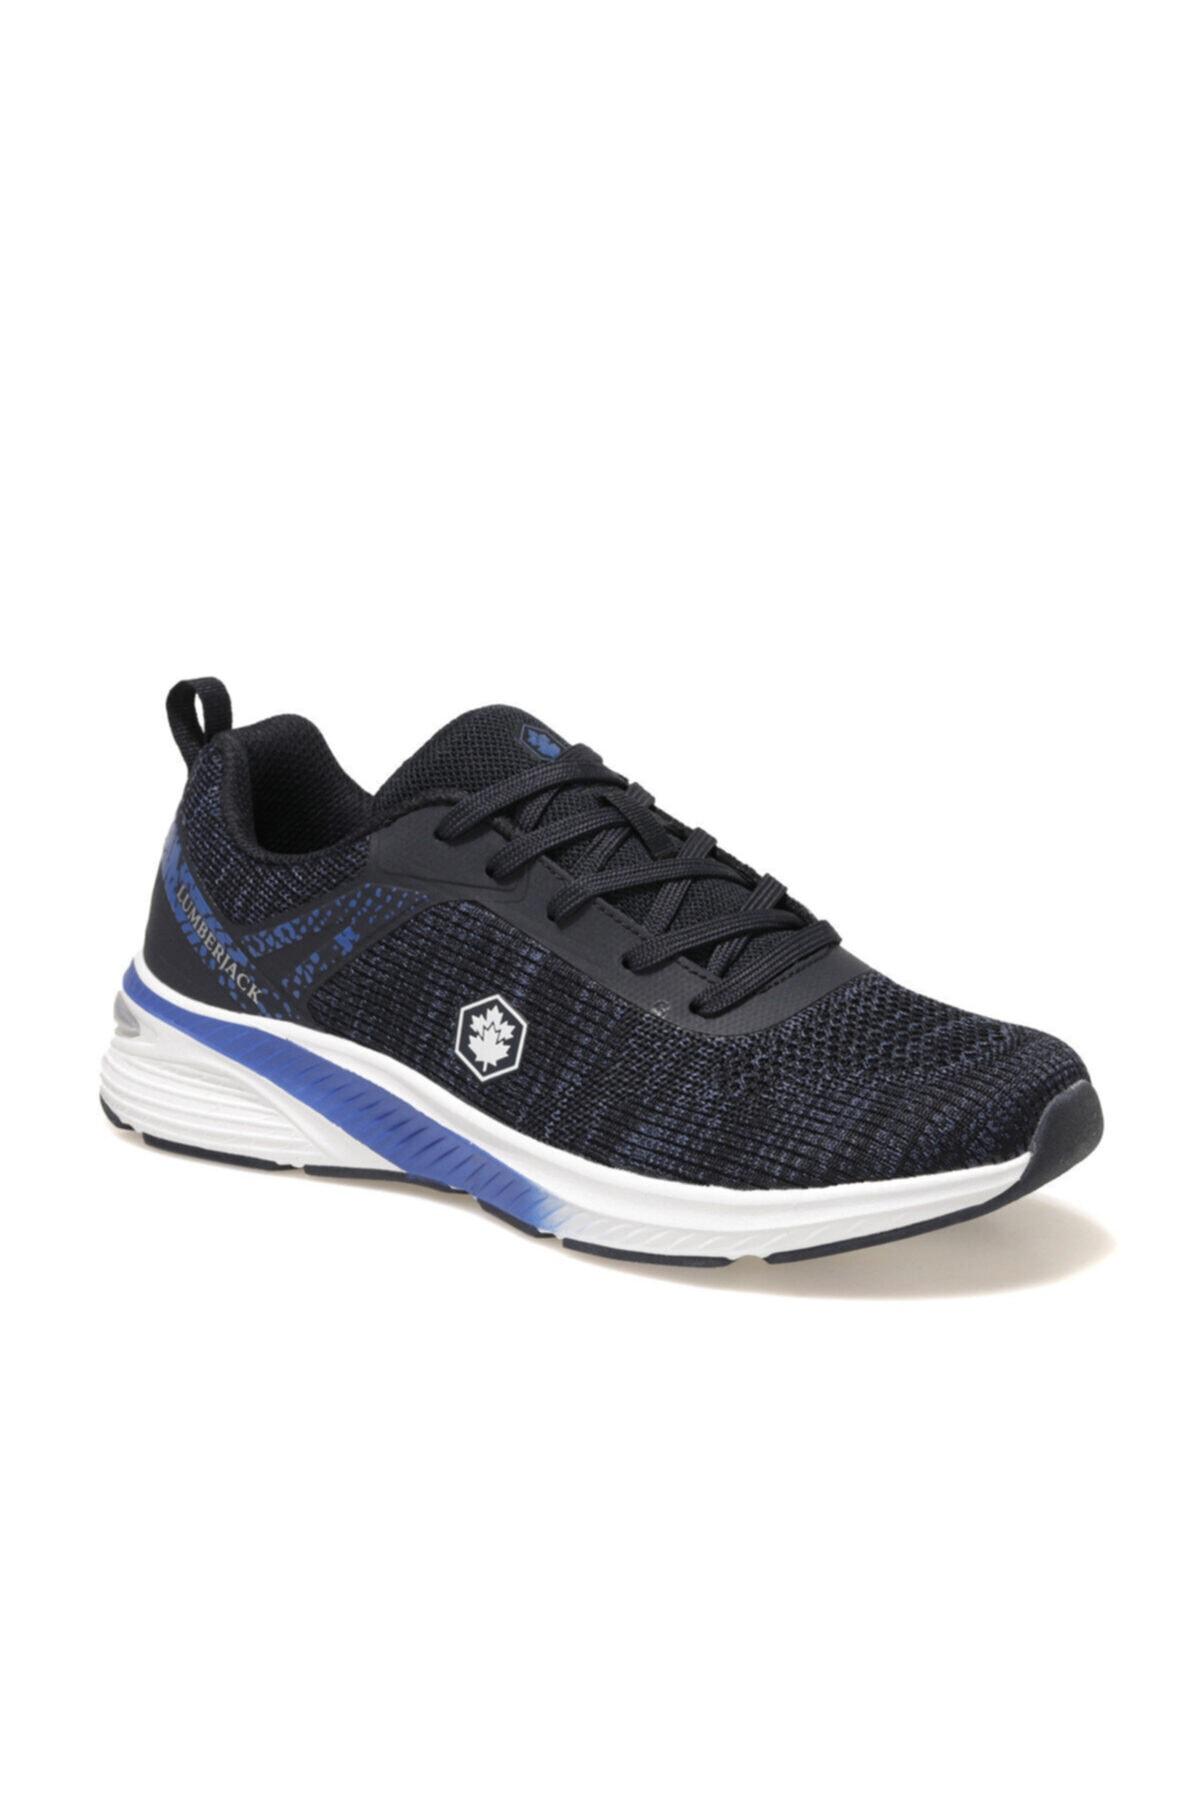 AROD Lacivert Erkek Koşu Ayakkabısı 100535185